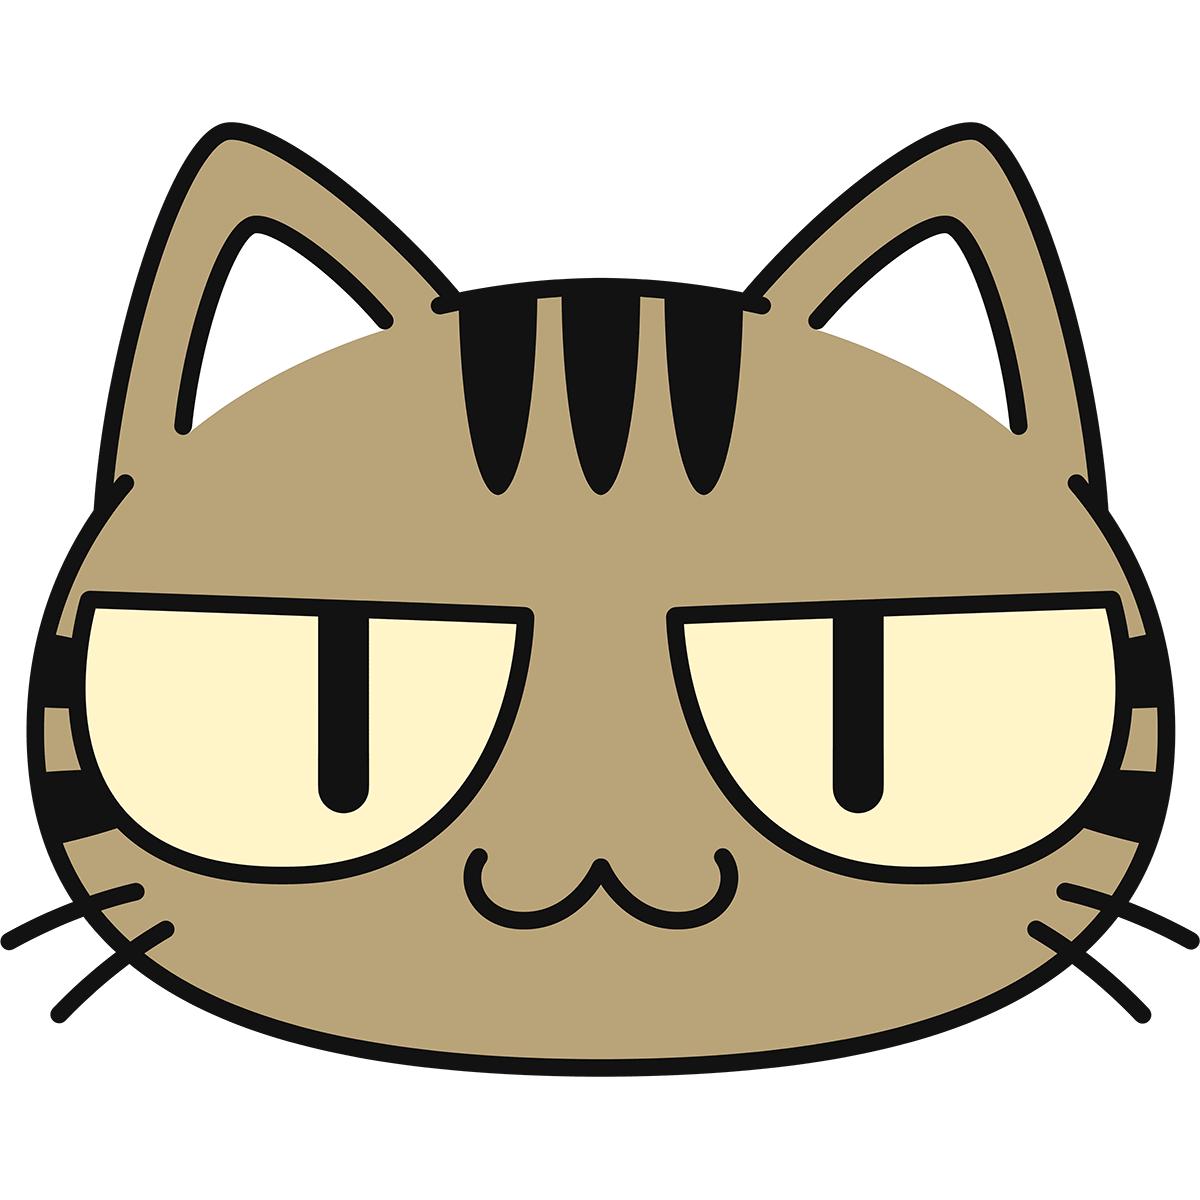 キジトラ猫の顔(猫目)の無料イラスト